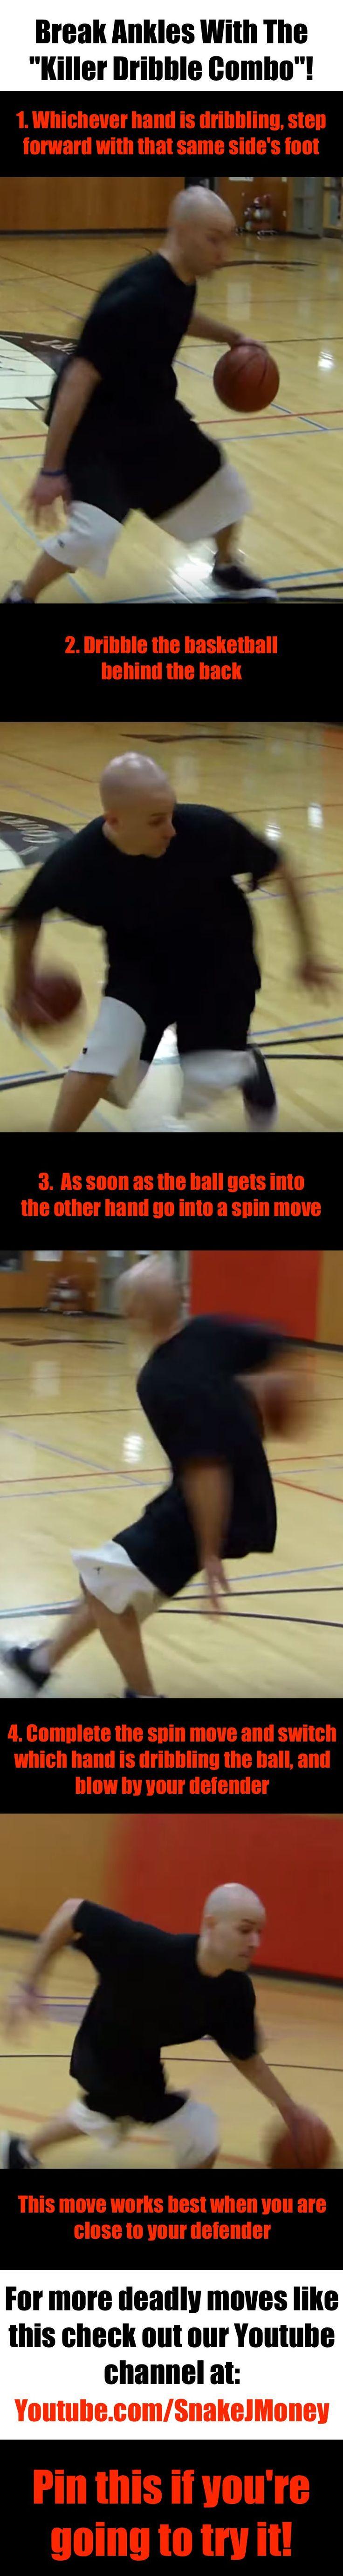 """Ankle breaking """"killer dribble combo""""! #basketball #ballislife"""